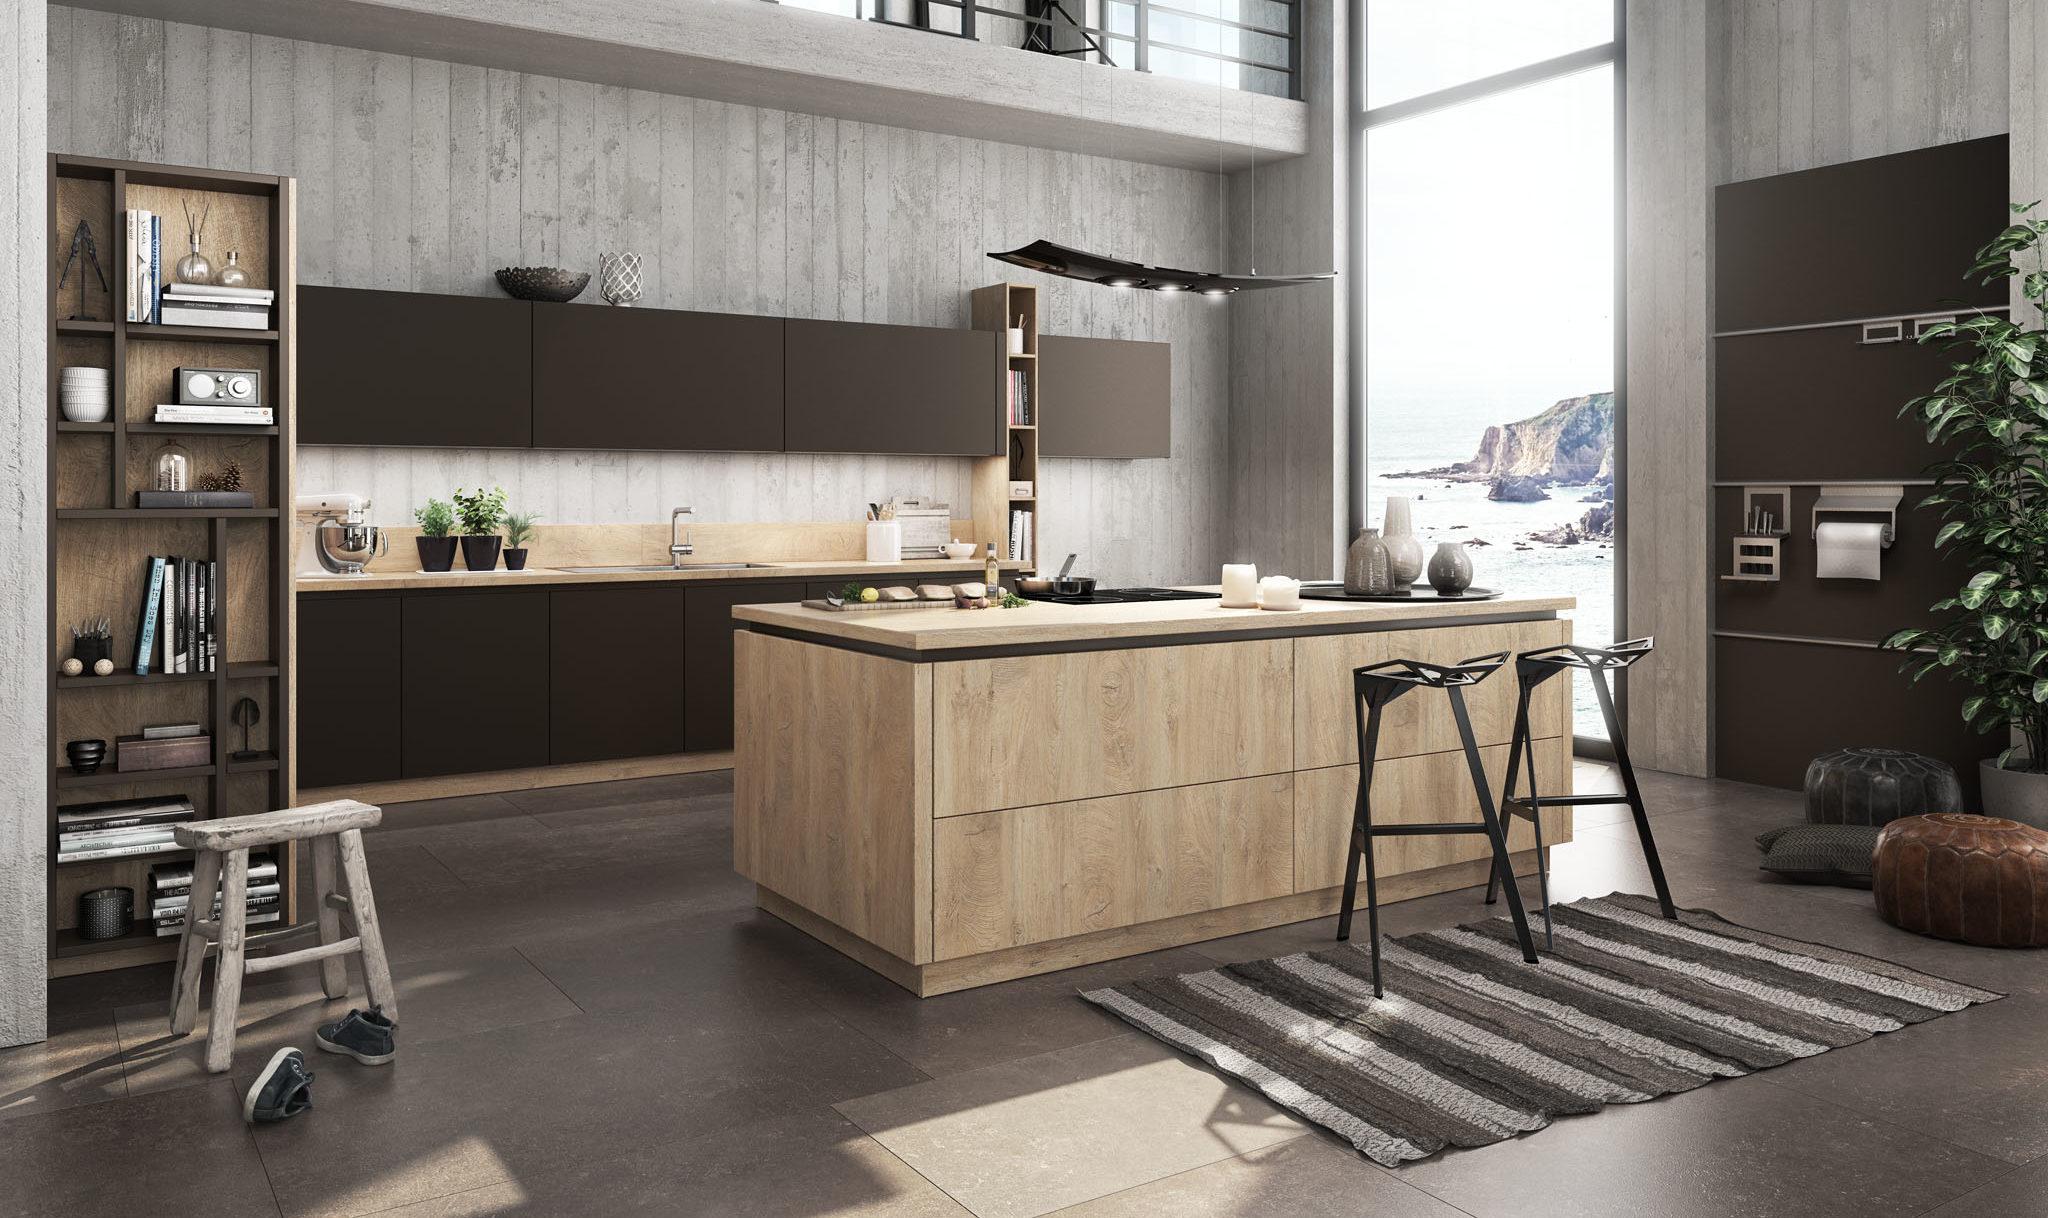 Küche braune Fronten